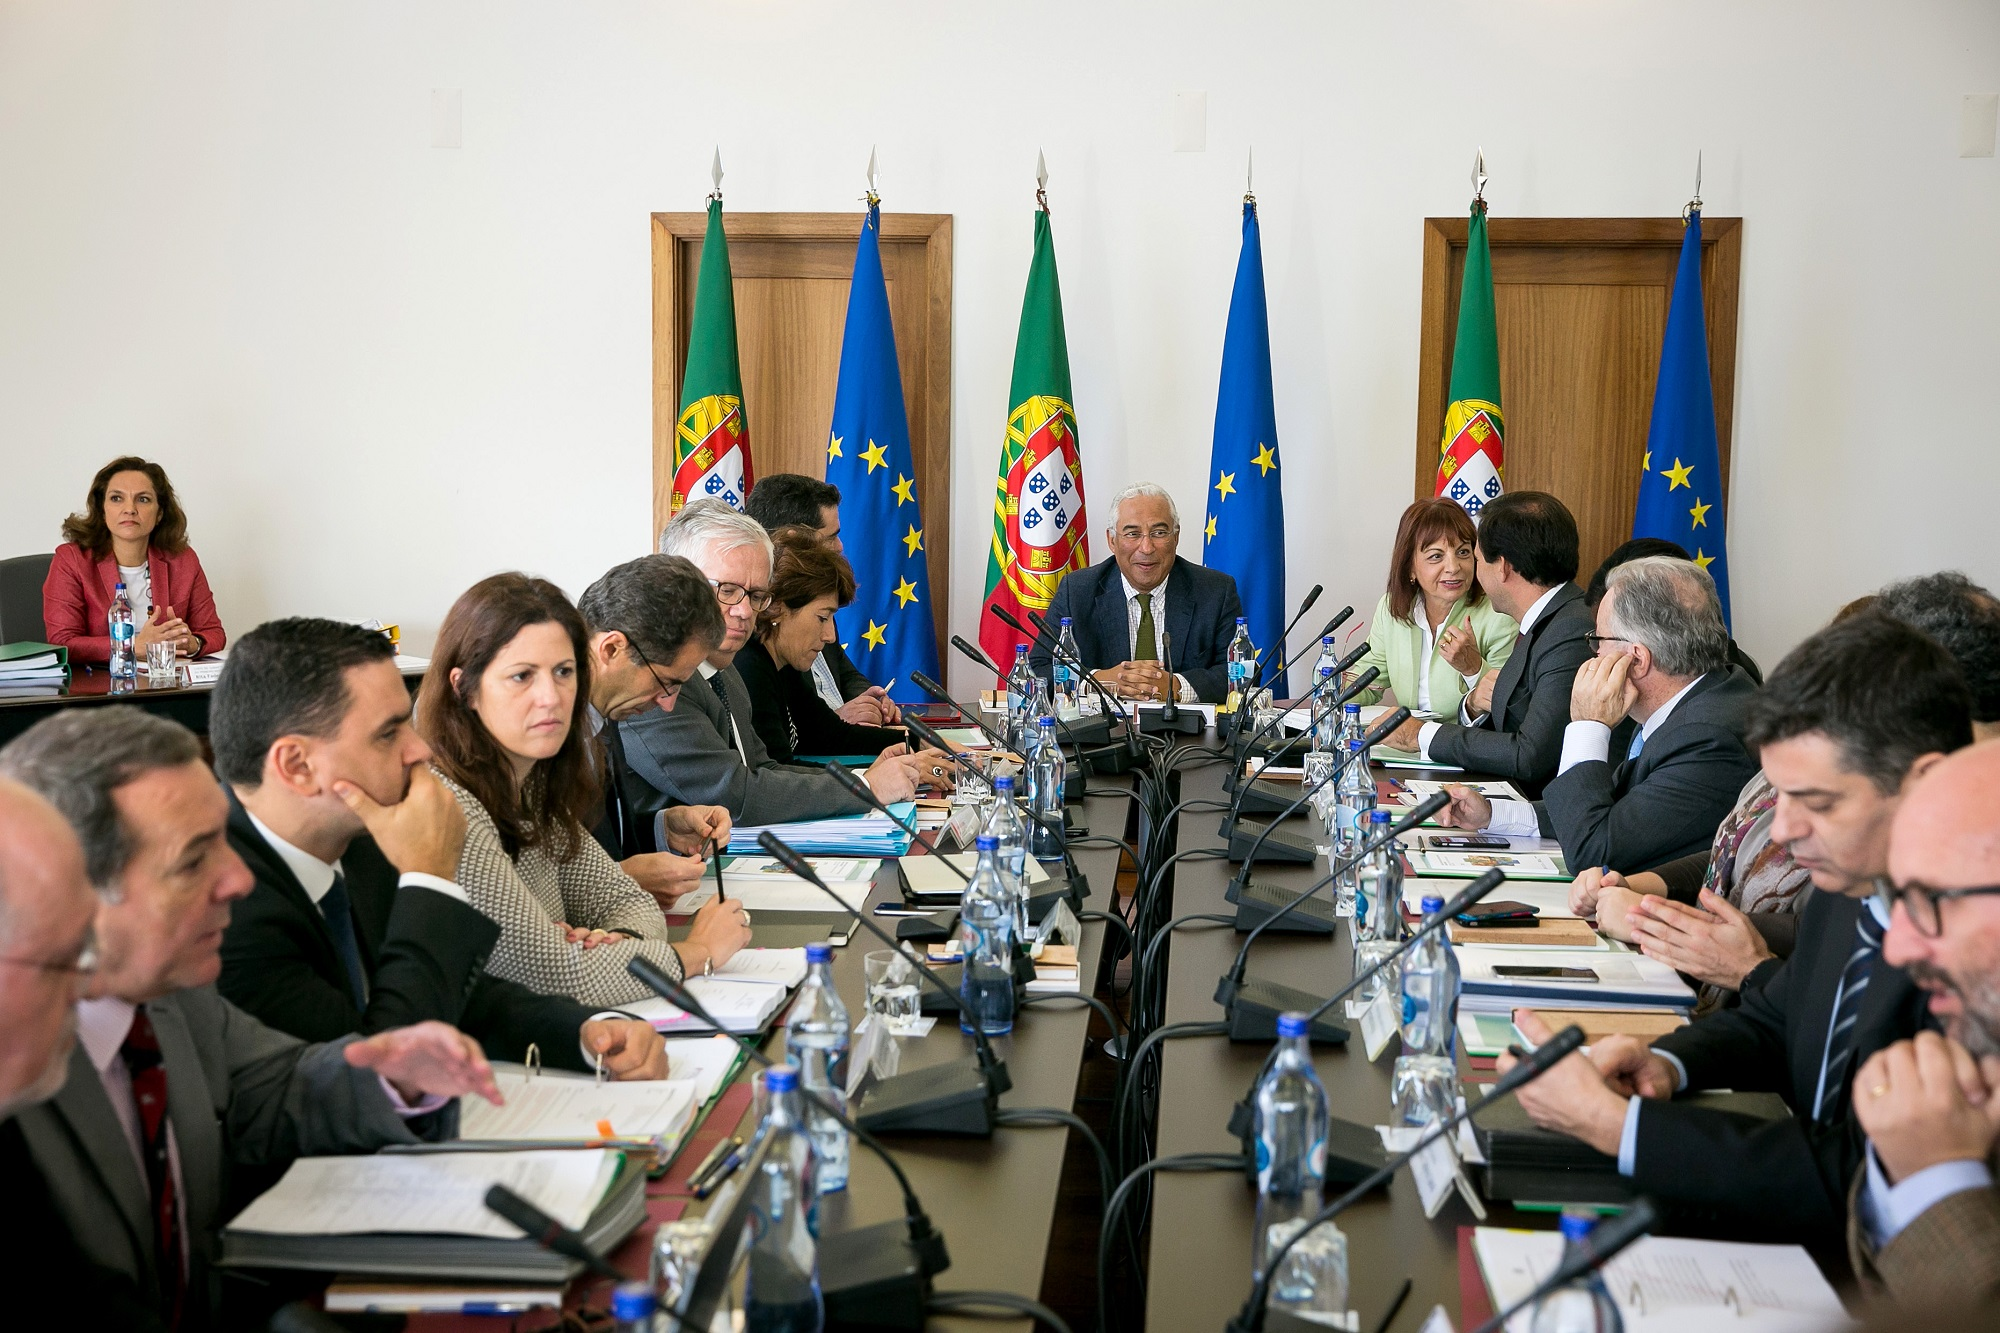 António Costa ministros primeiro-ministro governo